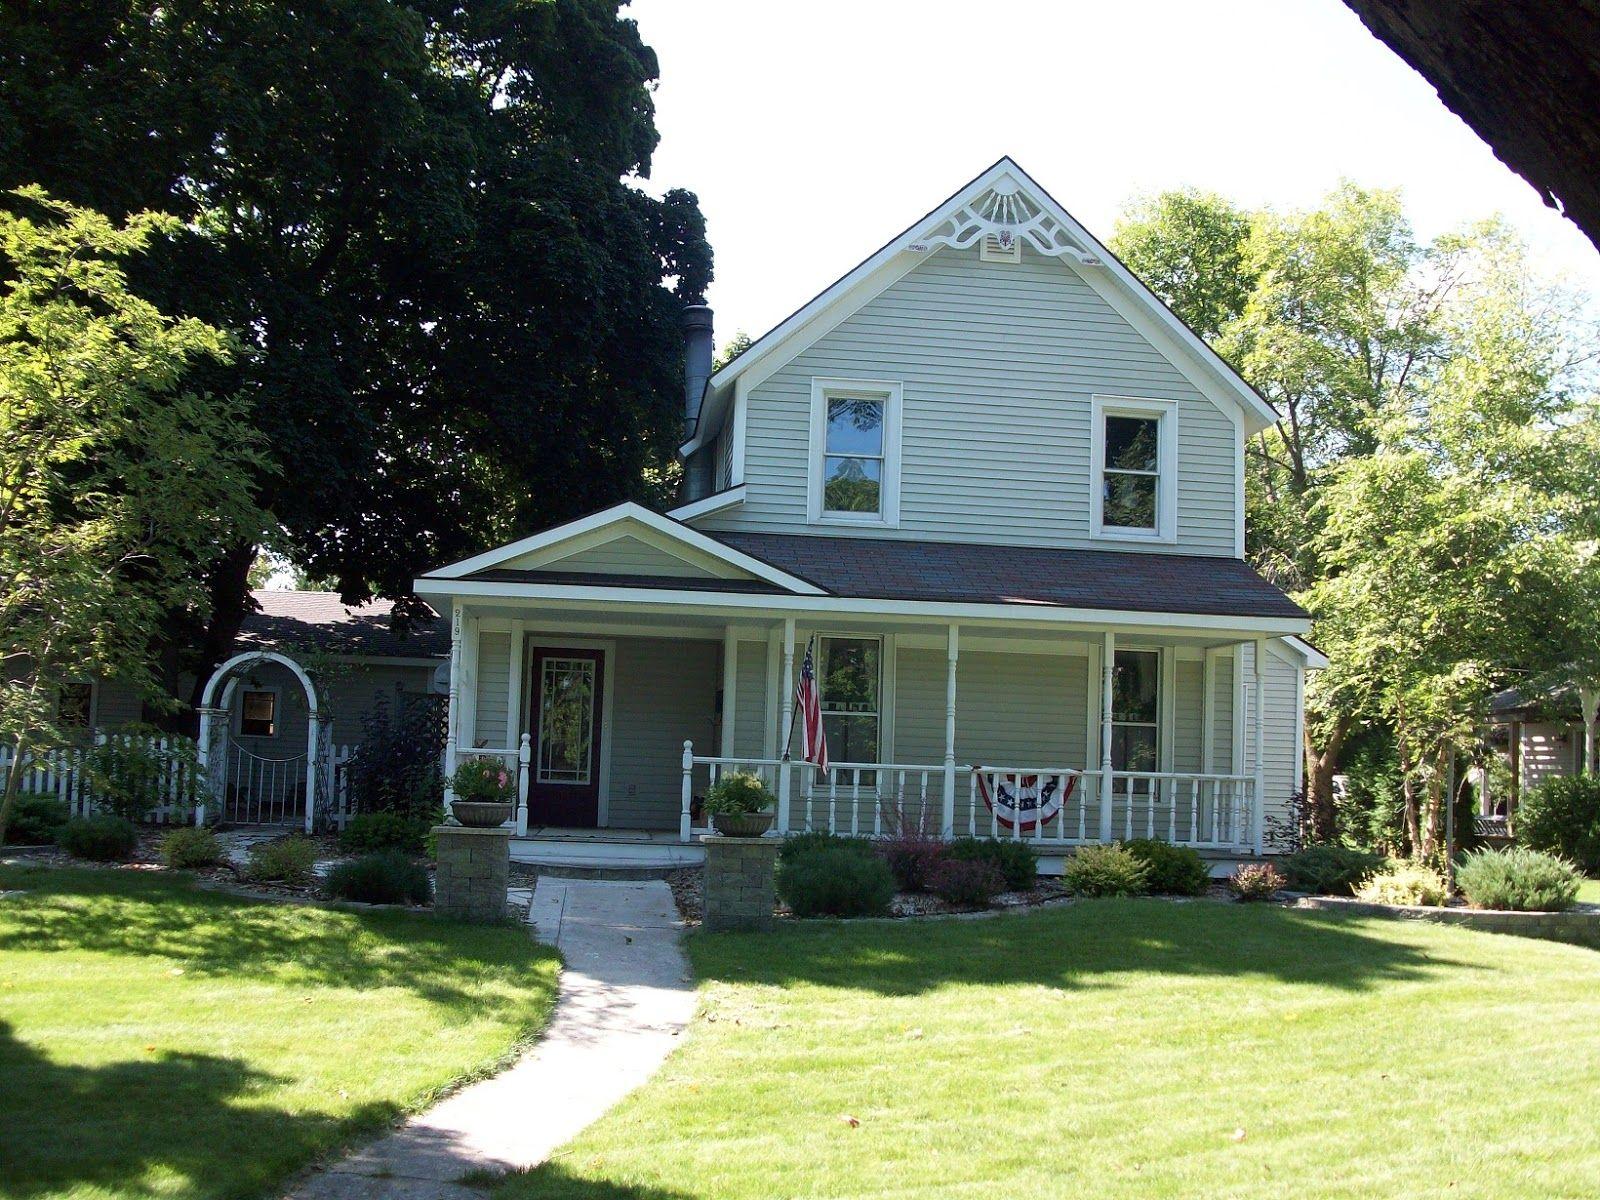 Pin de mariela en casas de campo y playa modern architecture brick studio y porch roof - Porches de casas de campo ...